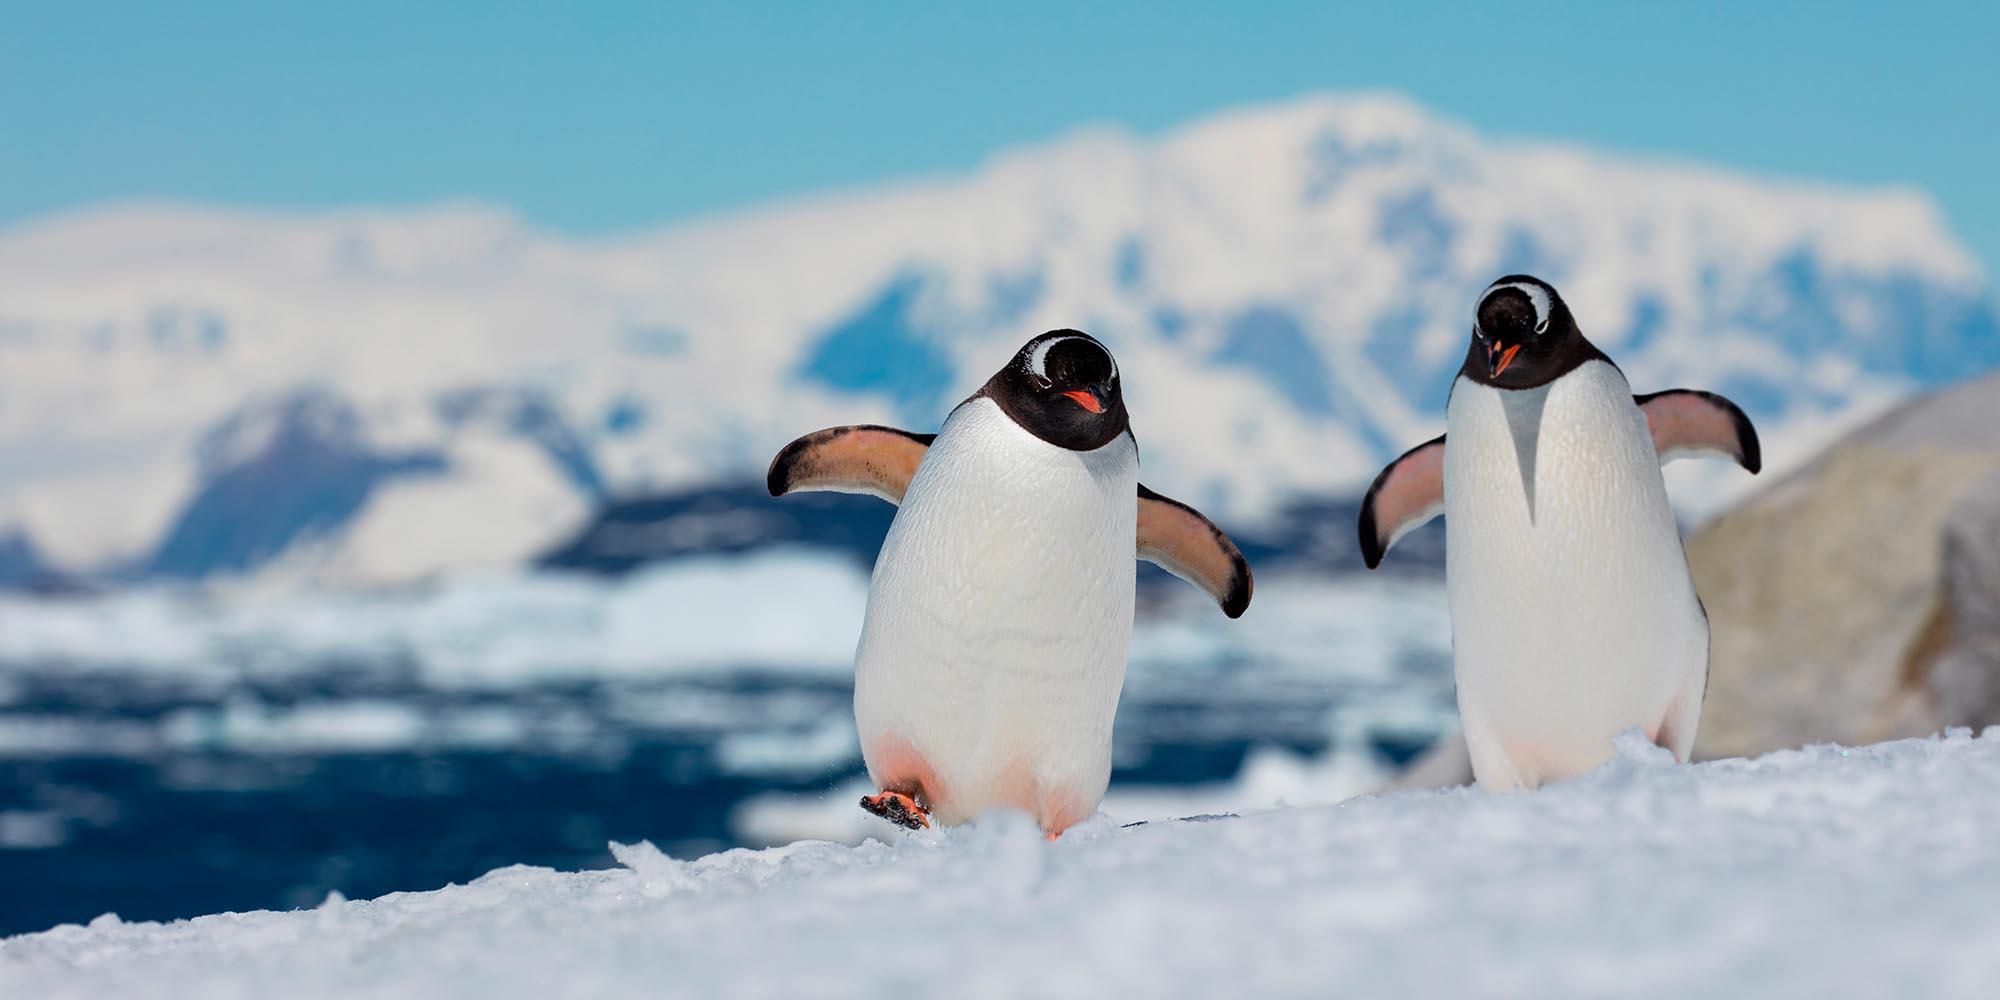 Картинка пингвин в арктике